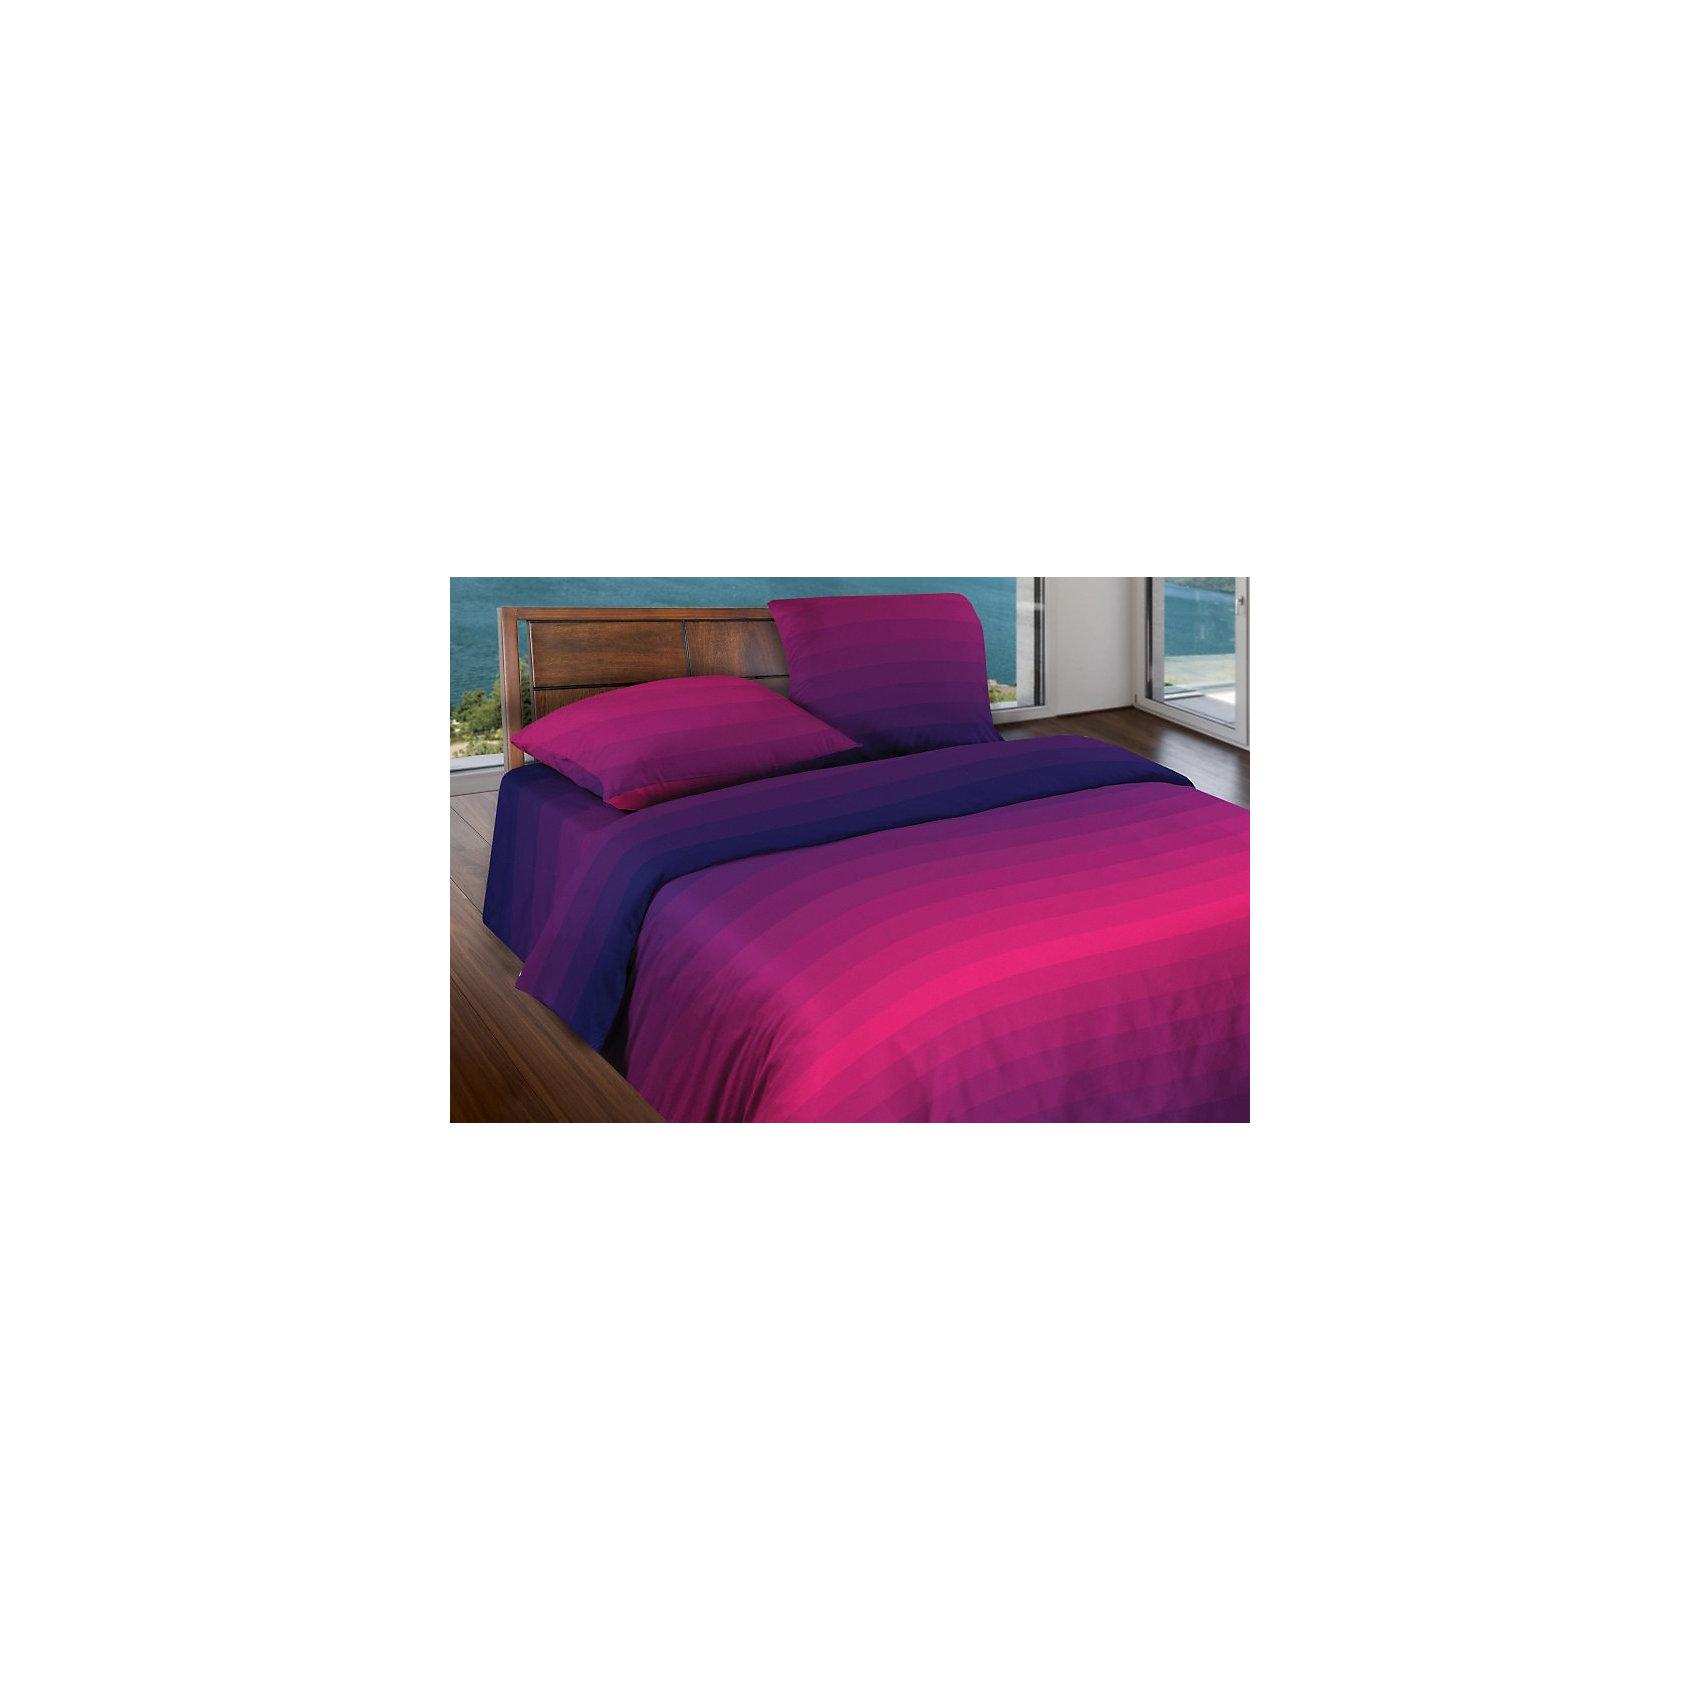 Постельное белье 1,5 сп. Flow Purple БИО Комфорт, Wenge MotionДомашний текстиль<br>Характеристики 1,5 спального комплекта постельного белья   Flow Purple  БИО Комфорт, Wenge Motion:<br><br>- производитель: Неотек<br>- материал: бязь<br>- состав: 100% хлопок<br>- размер комплекта: полутораспальный<br>- размер пододеяльника: 215*145 см.<br>- размер простыни: 220*150 см.<br>- размер наволочек: 70*70 (2 шт)<br>- упаковка комплекта: книжка пвх<br>- страна бренда: Россия<br>- страна производитель: Россия<br><br>Комплект постельного белья  Flow Purple серии Wenge Motion создано для современного, делового и активного человека.   Дизайн постельного белья будет  по нраву тем, кто ценит комфортную обстановку дома. Комплект Flow Purple  Wenge Motion произведен  из натурального 100% хлопка, что делает его износостойким, крепким и при этом приятным на ощупь. Постельное белье выполнено из биологически чистой и натуральной ткани БИОкомфорт. Ткань изготовлена из 100% хлопка, обладает прекрасными качественными характеристиками. Постельное белье  Flow Purple серии Wenge Motion подарит Вам приятные ощущения во время отдыха. Рисунок изделия выполнен в современном стиле. Сдержанный и лаконичный дизайн  подчеркнет Вашу индивидуальность и станет великолепным элементом интерьера. <br><br>Комплекта постельного белья   Flow Purple  серии Wenge Motion можно купить в нашем интернет-магазине.<br><br>Ширина мм: 370<br>Глубина мм: 70<br>Высота мм: 370<br>Вес г: 1400<br>Возраст от месяцев: 36<br>Возраст до месяцев: 216<br>Пол: Унисекс<br>Возраст: Детский<br>SKU: 5100112